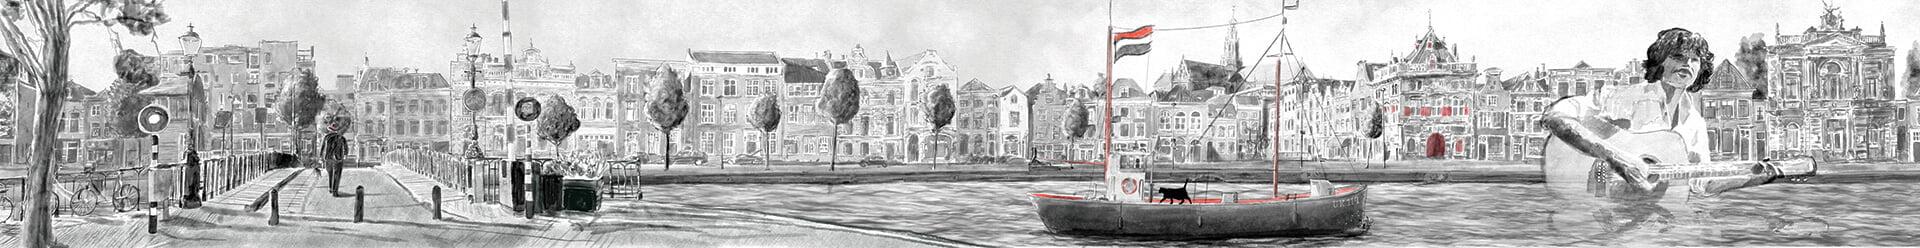 Het Spaarne Stroomt panorama va het Spaarne door Stefan de Groot